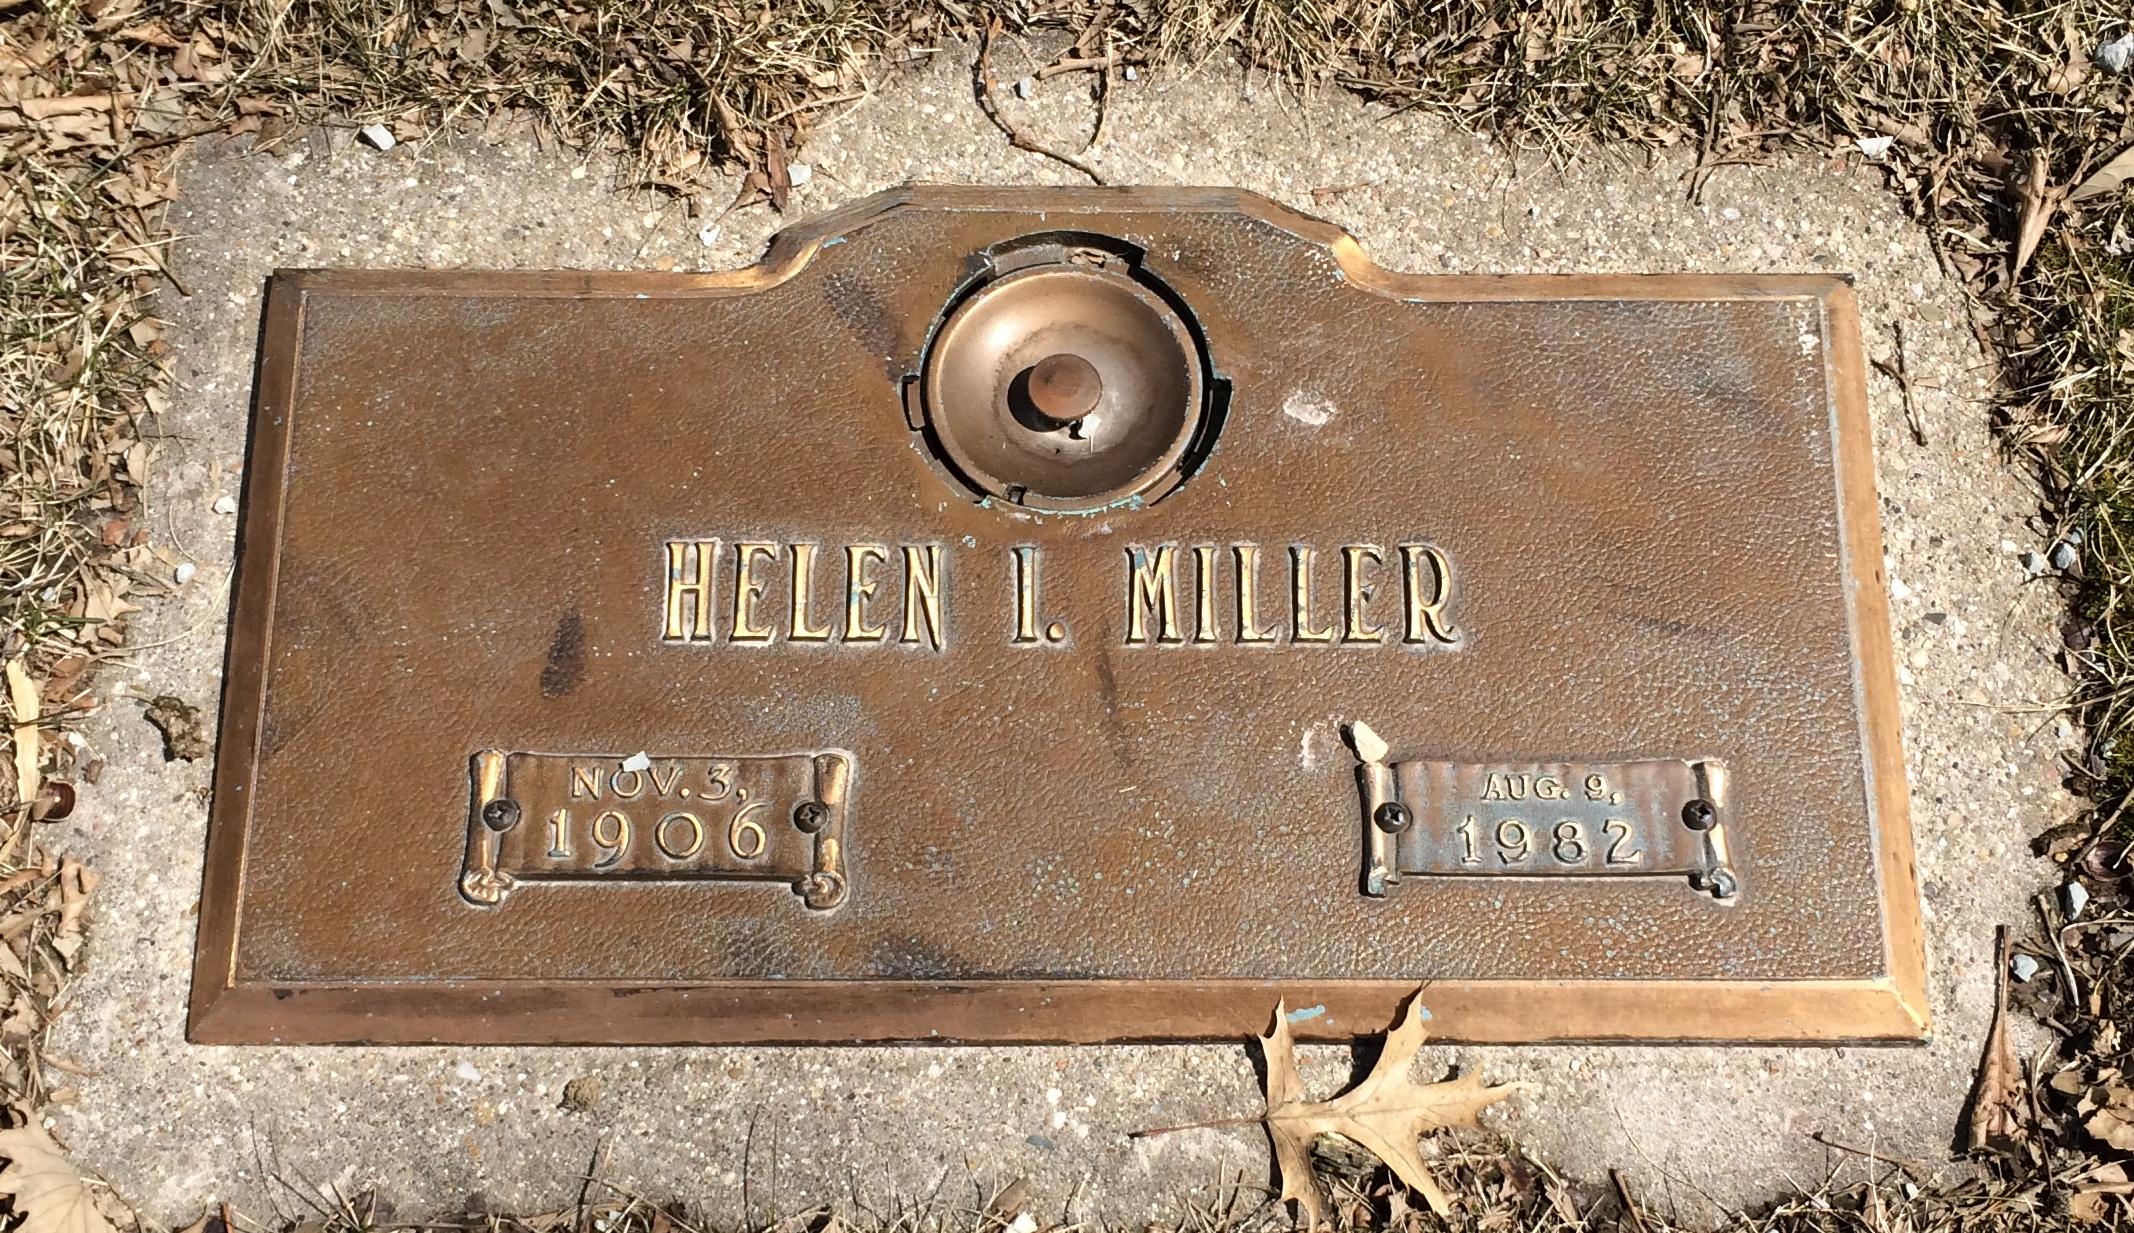 Helen I. Miller